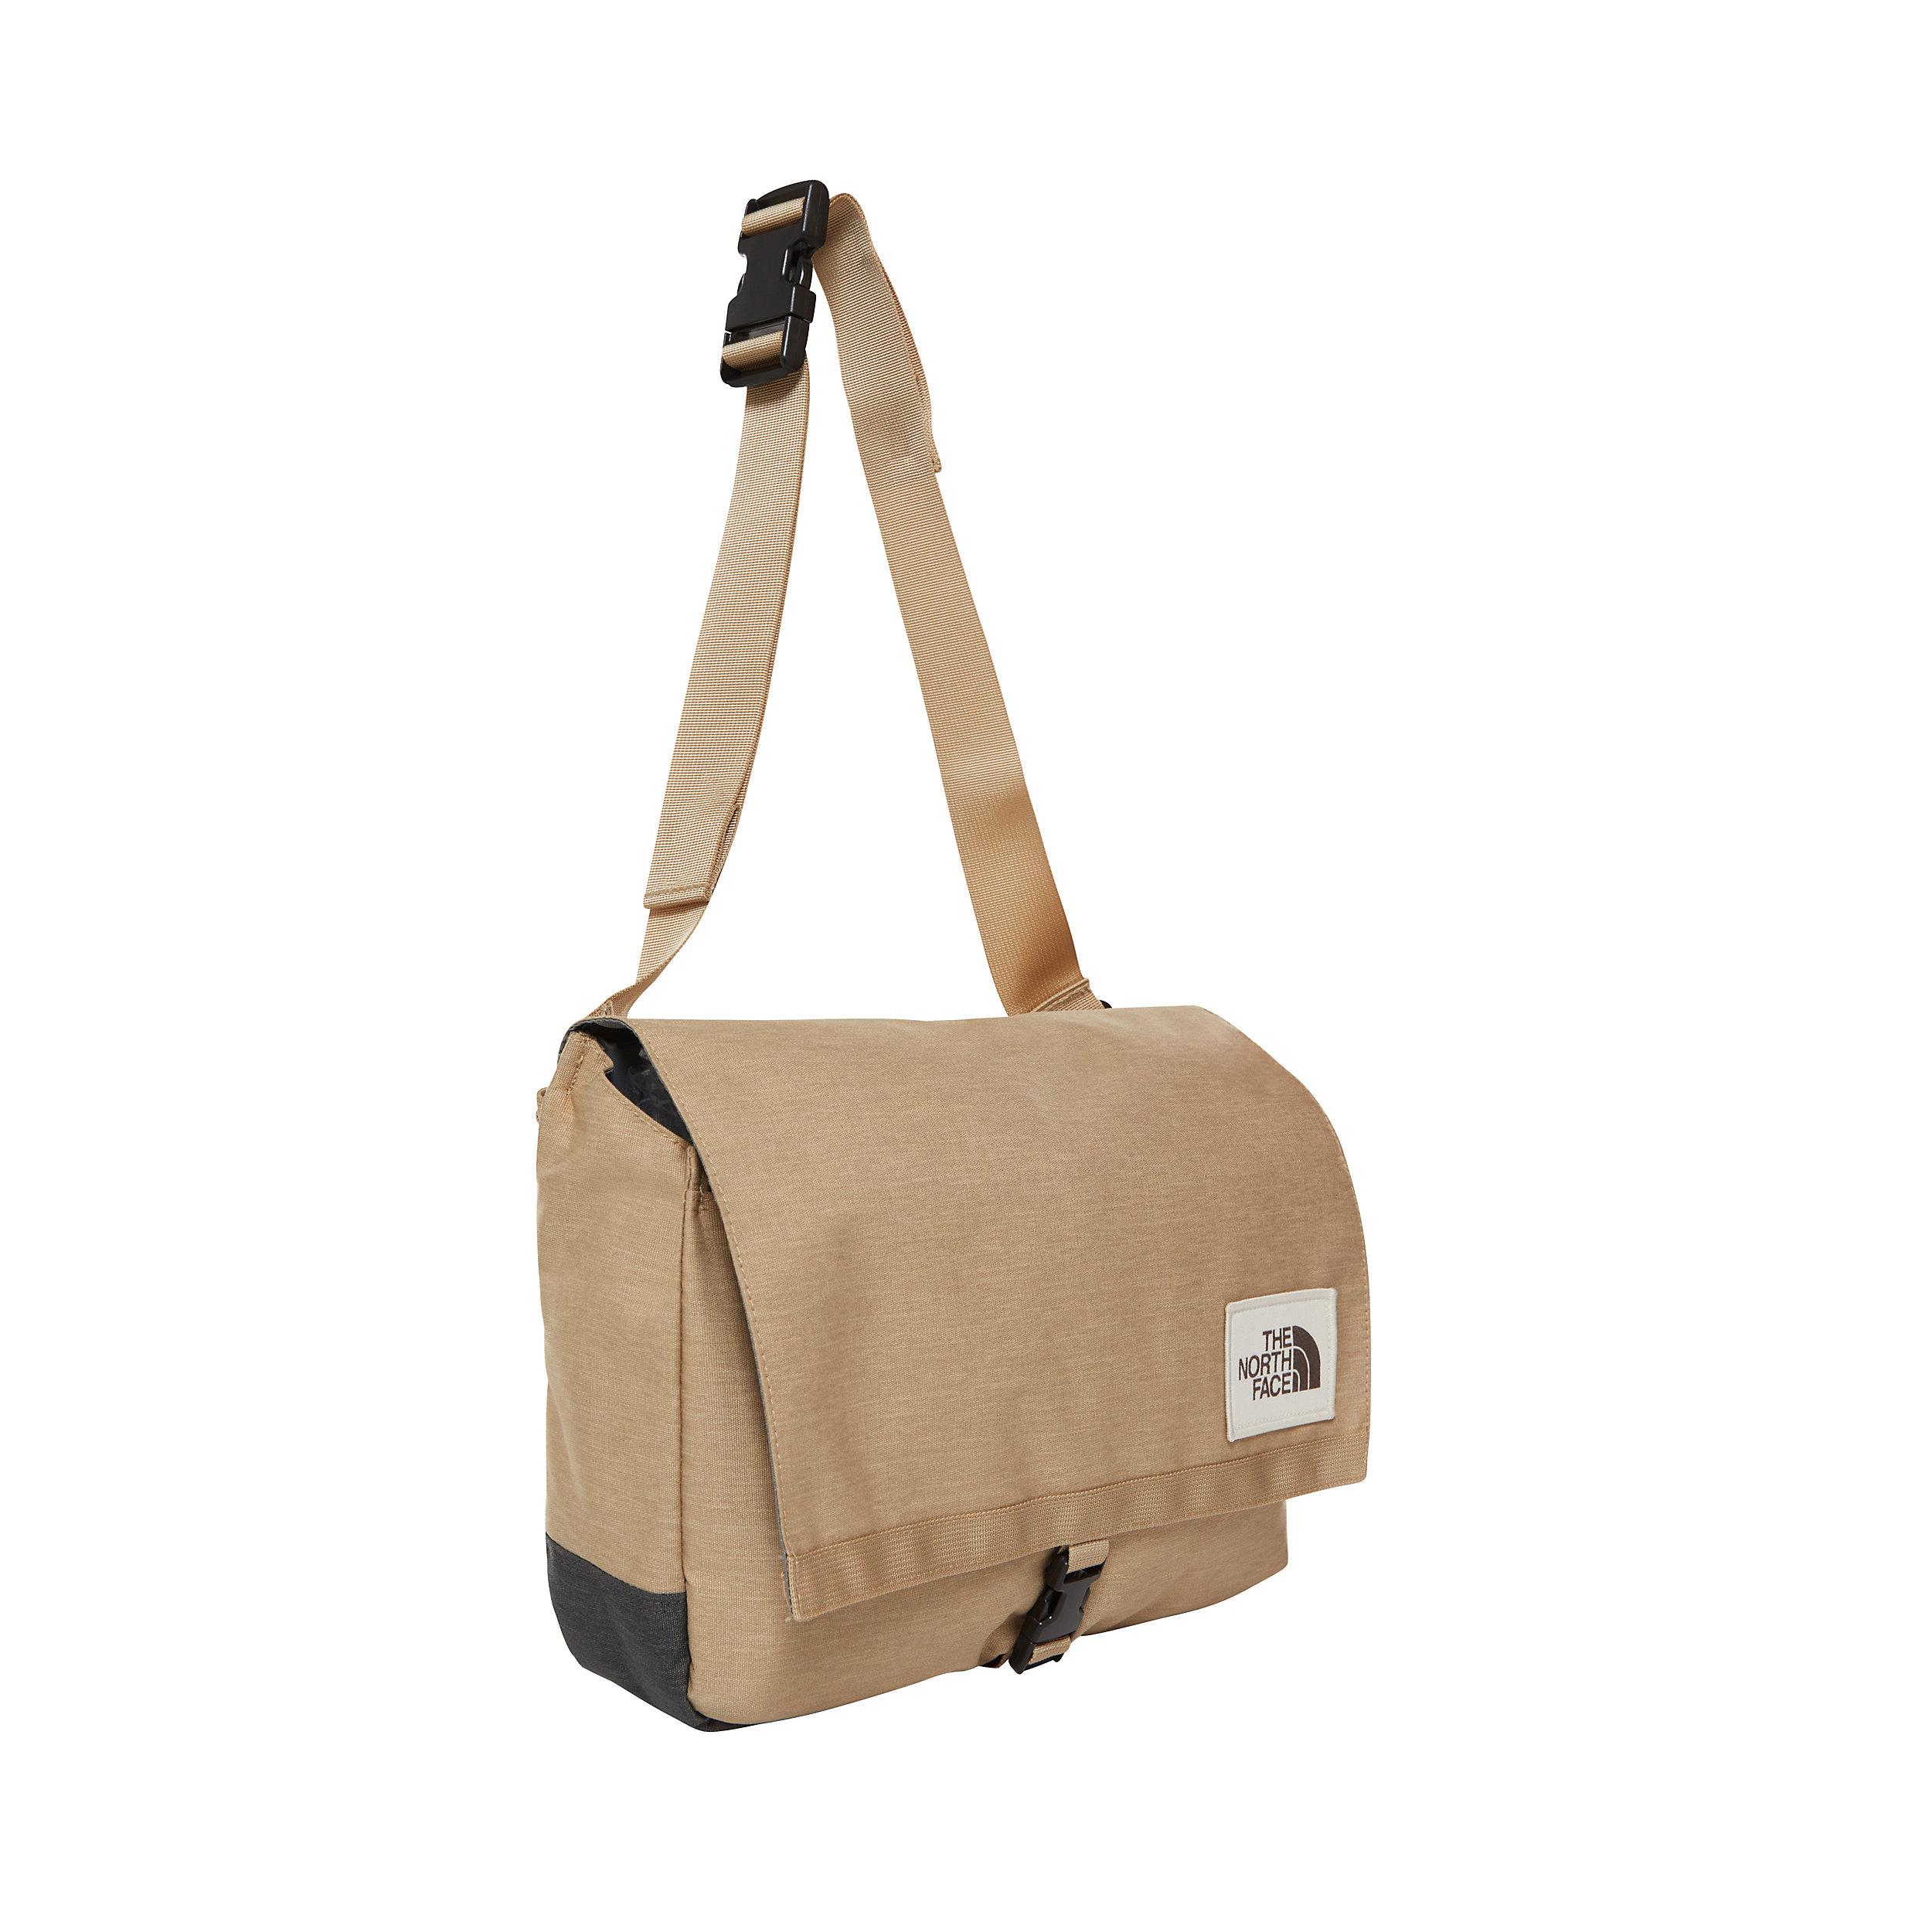 Messenger Bag Berkeley Satchel 7 Liter